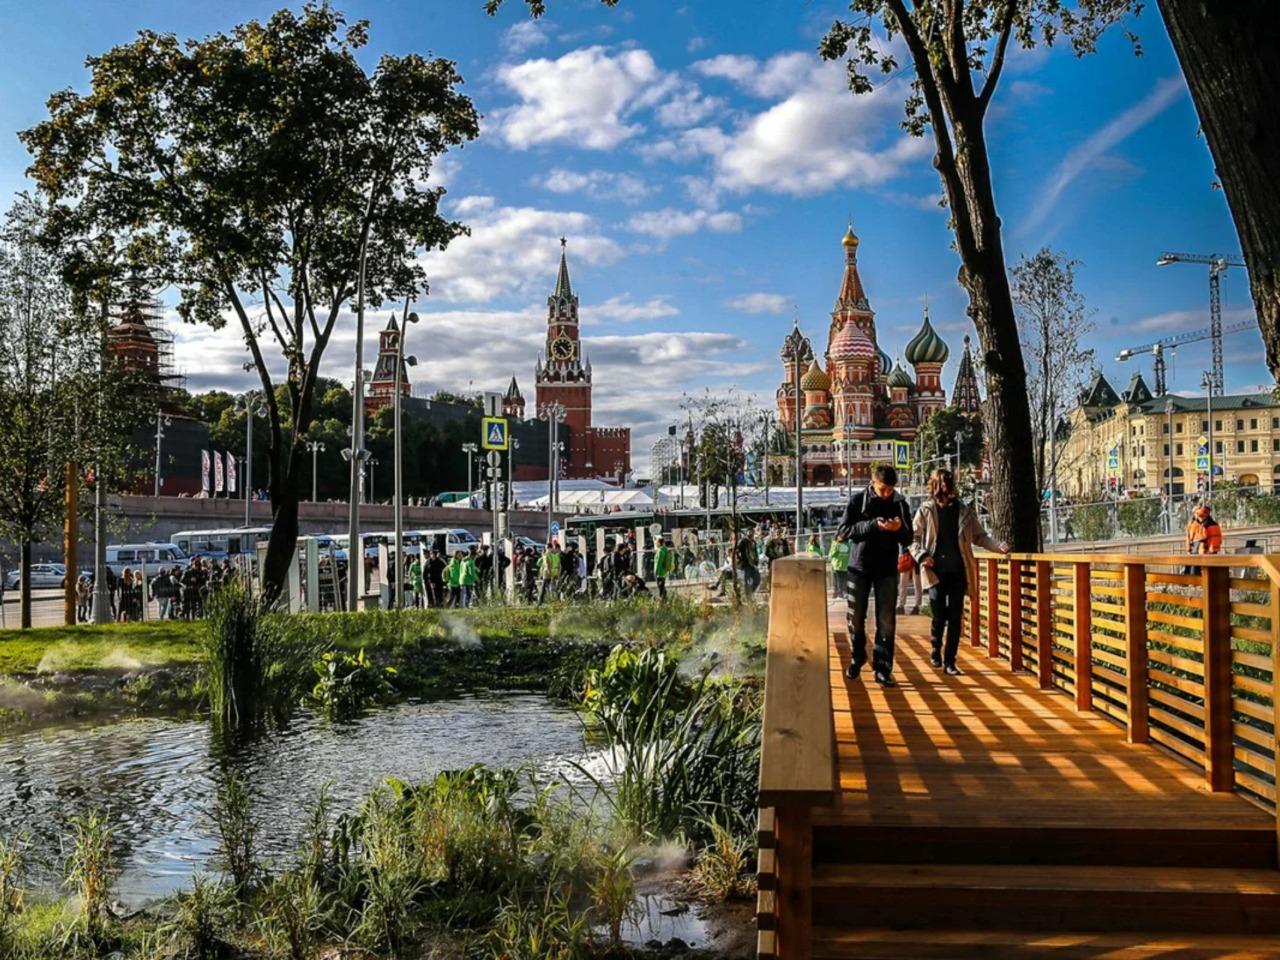 Старинный Кремль и Зарядье - групповая экскурсия в Москве от опытного гида